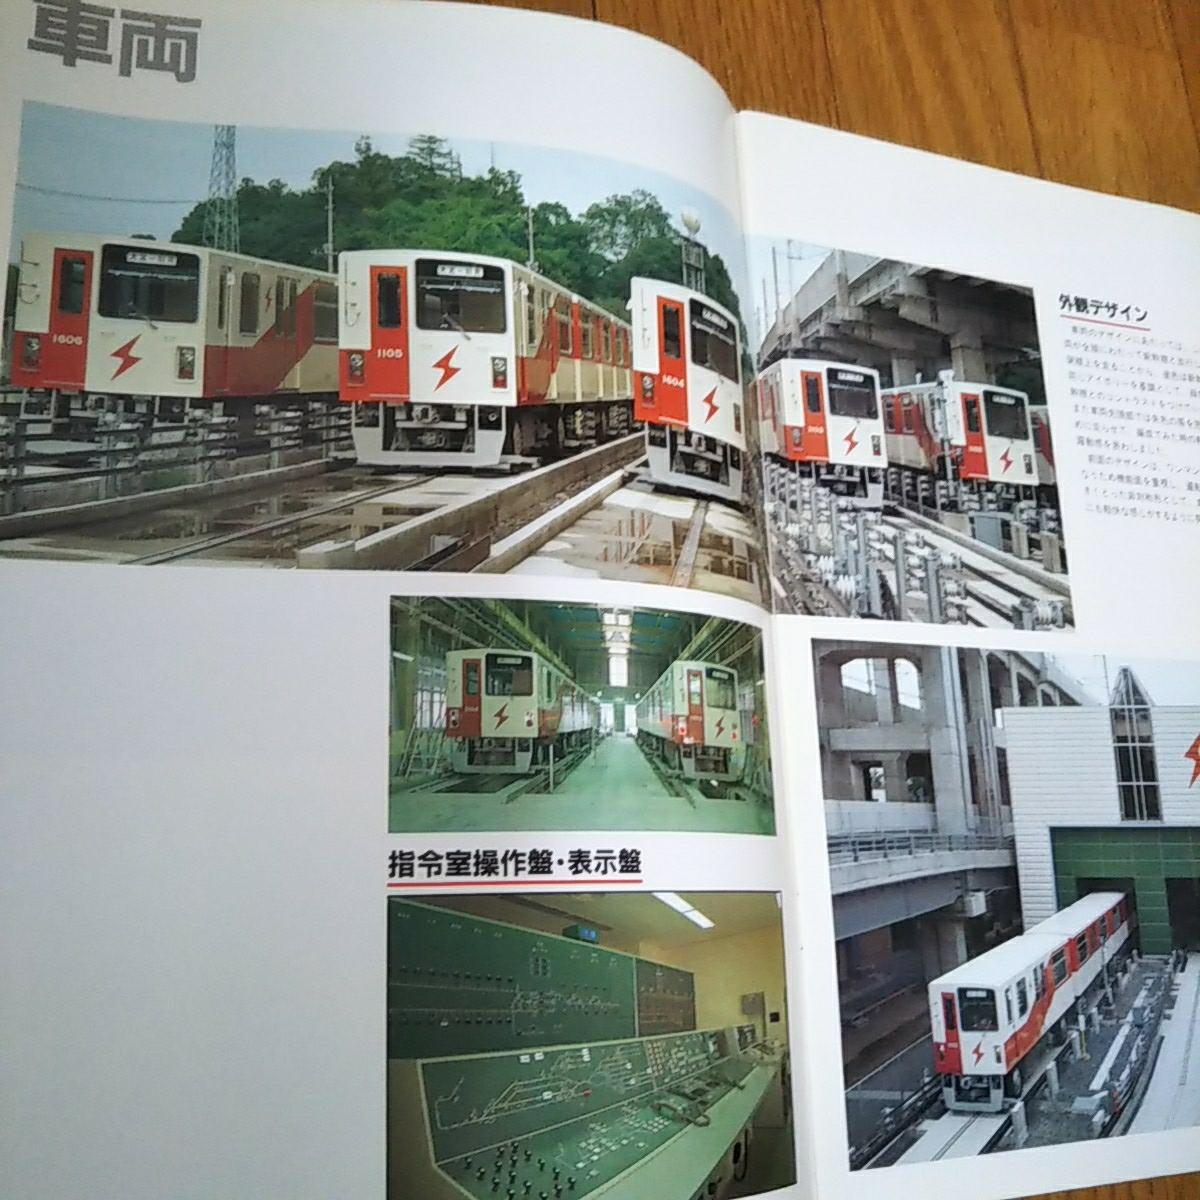 埼玉新都市交通 伊奈線 1000系車両 新造カタログ22ページ _画像2